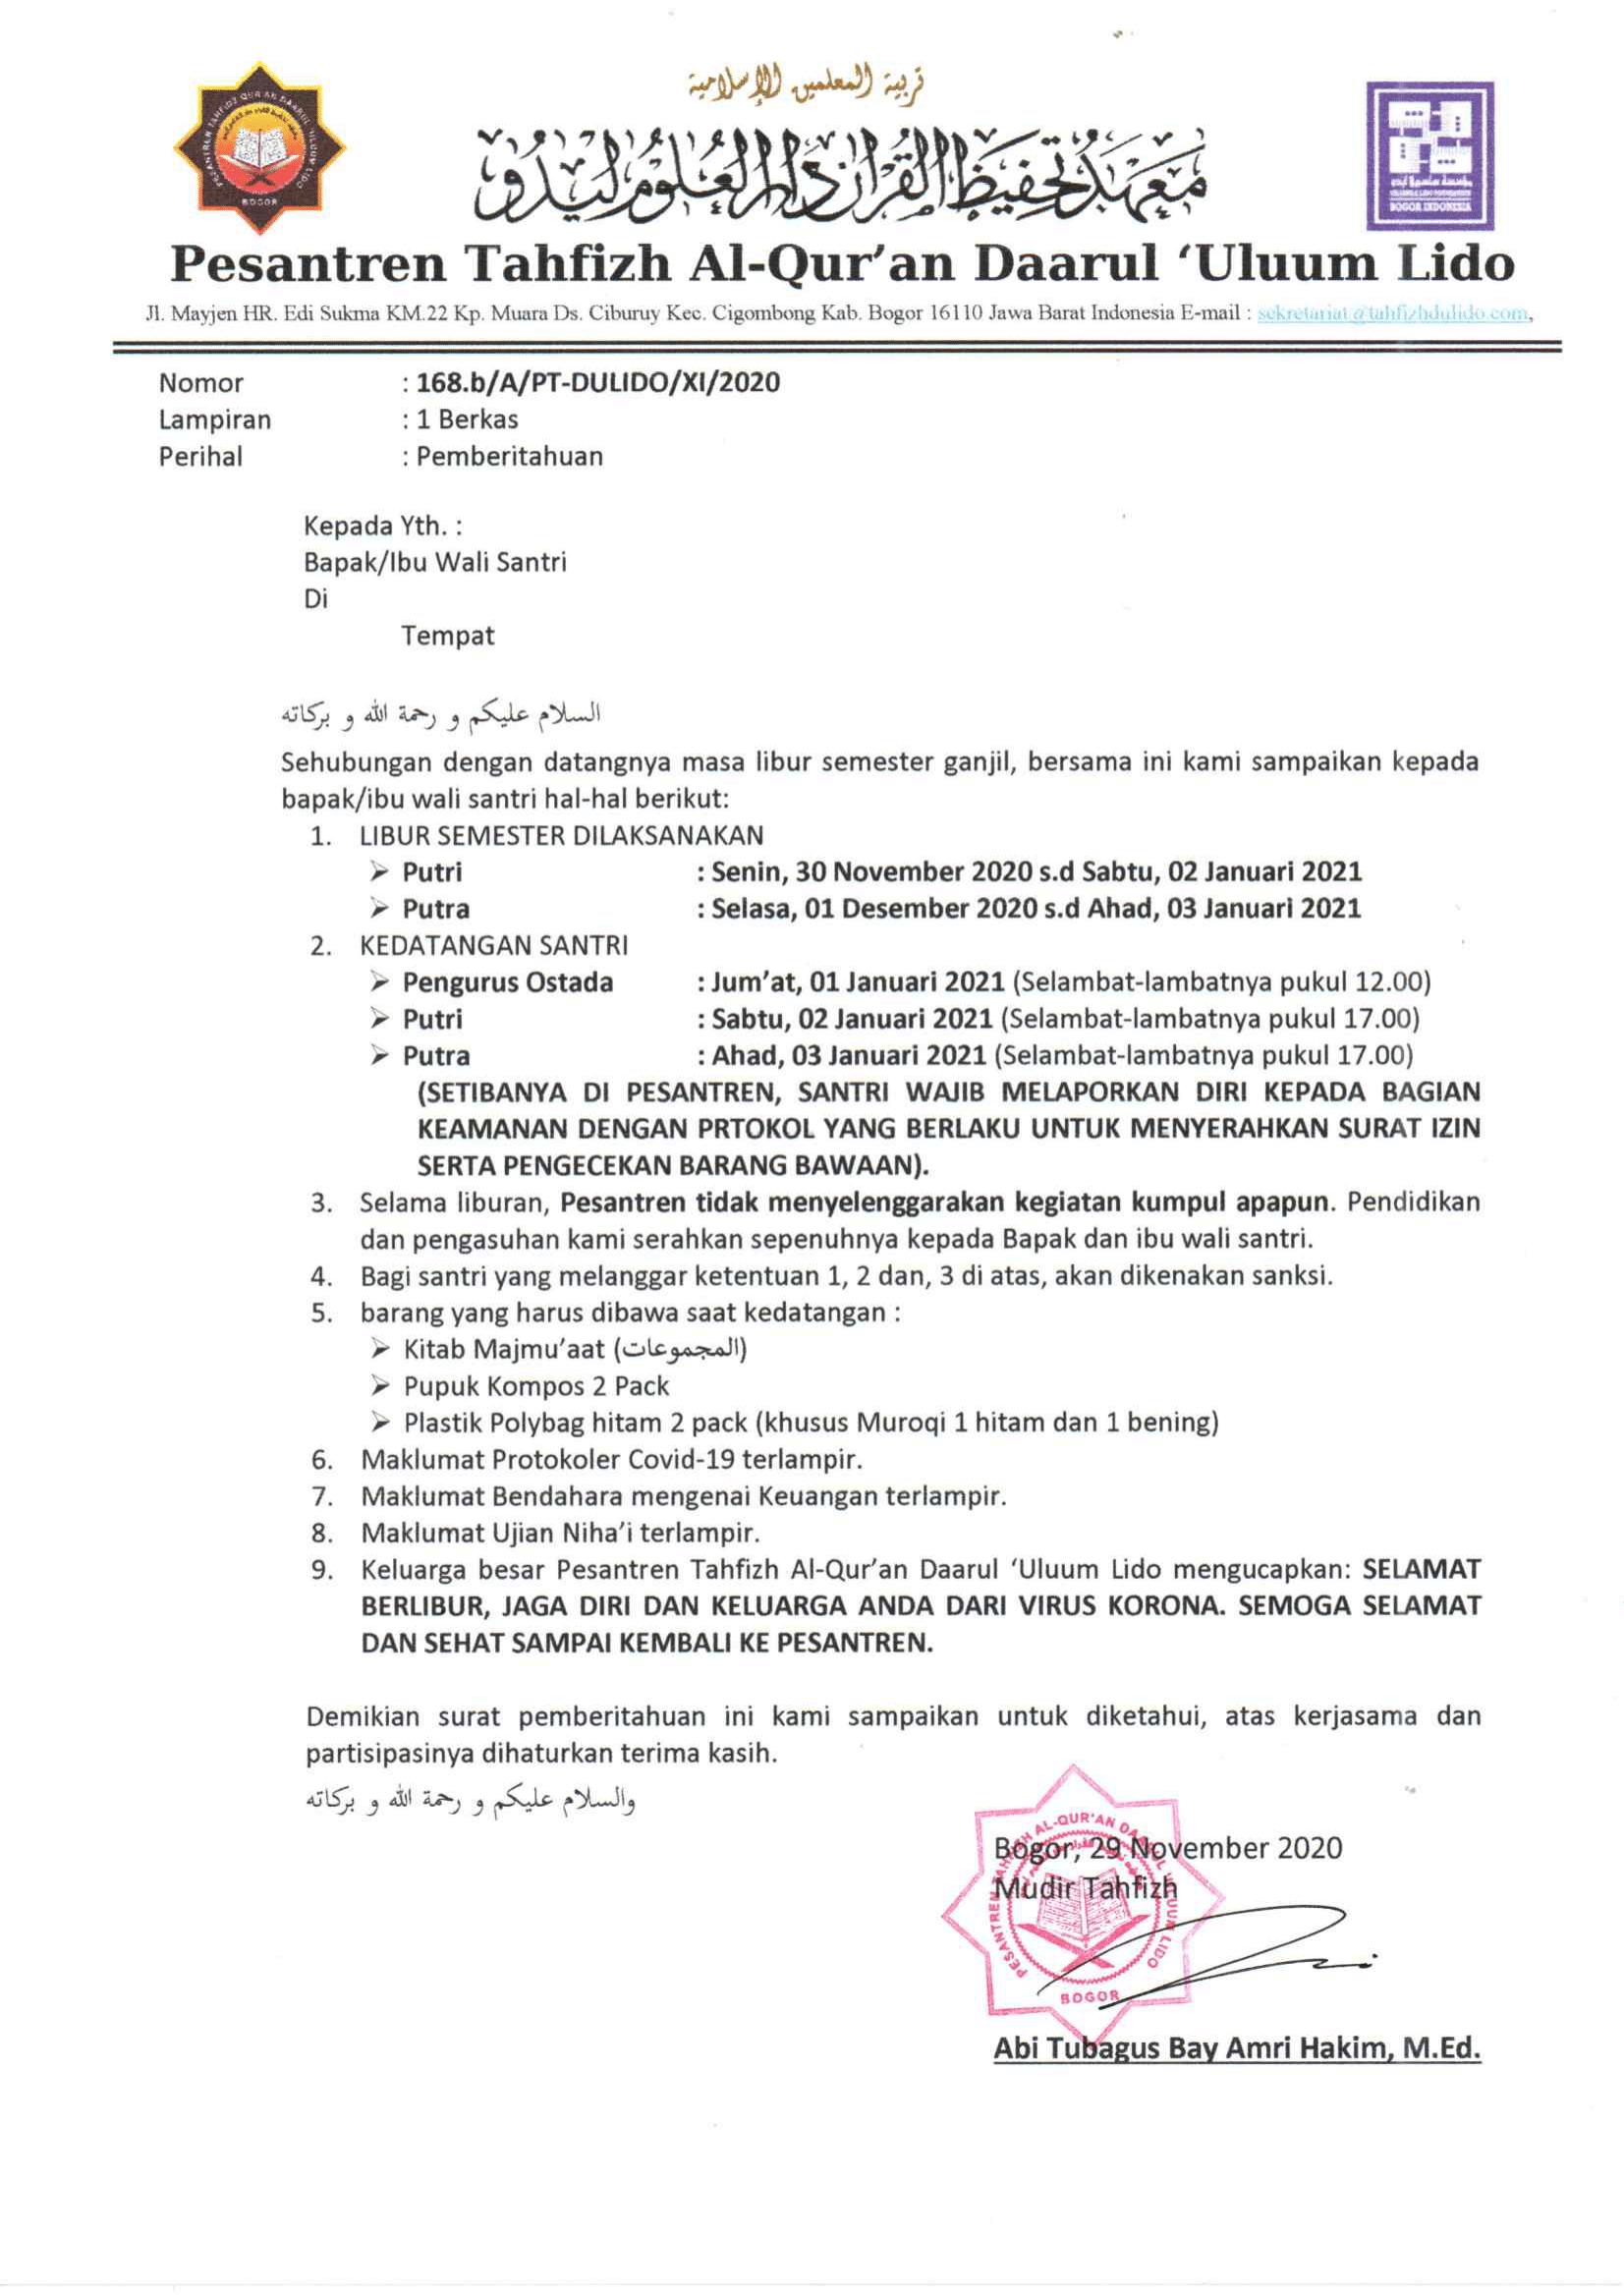 Maklumat Pesantren Tentang Libur Semester Ganjil 2020/2021